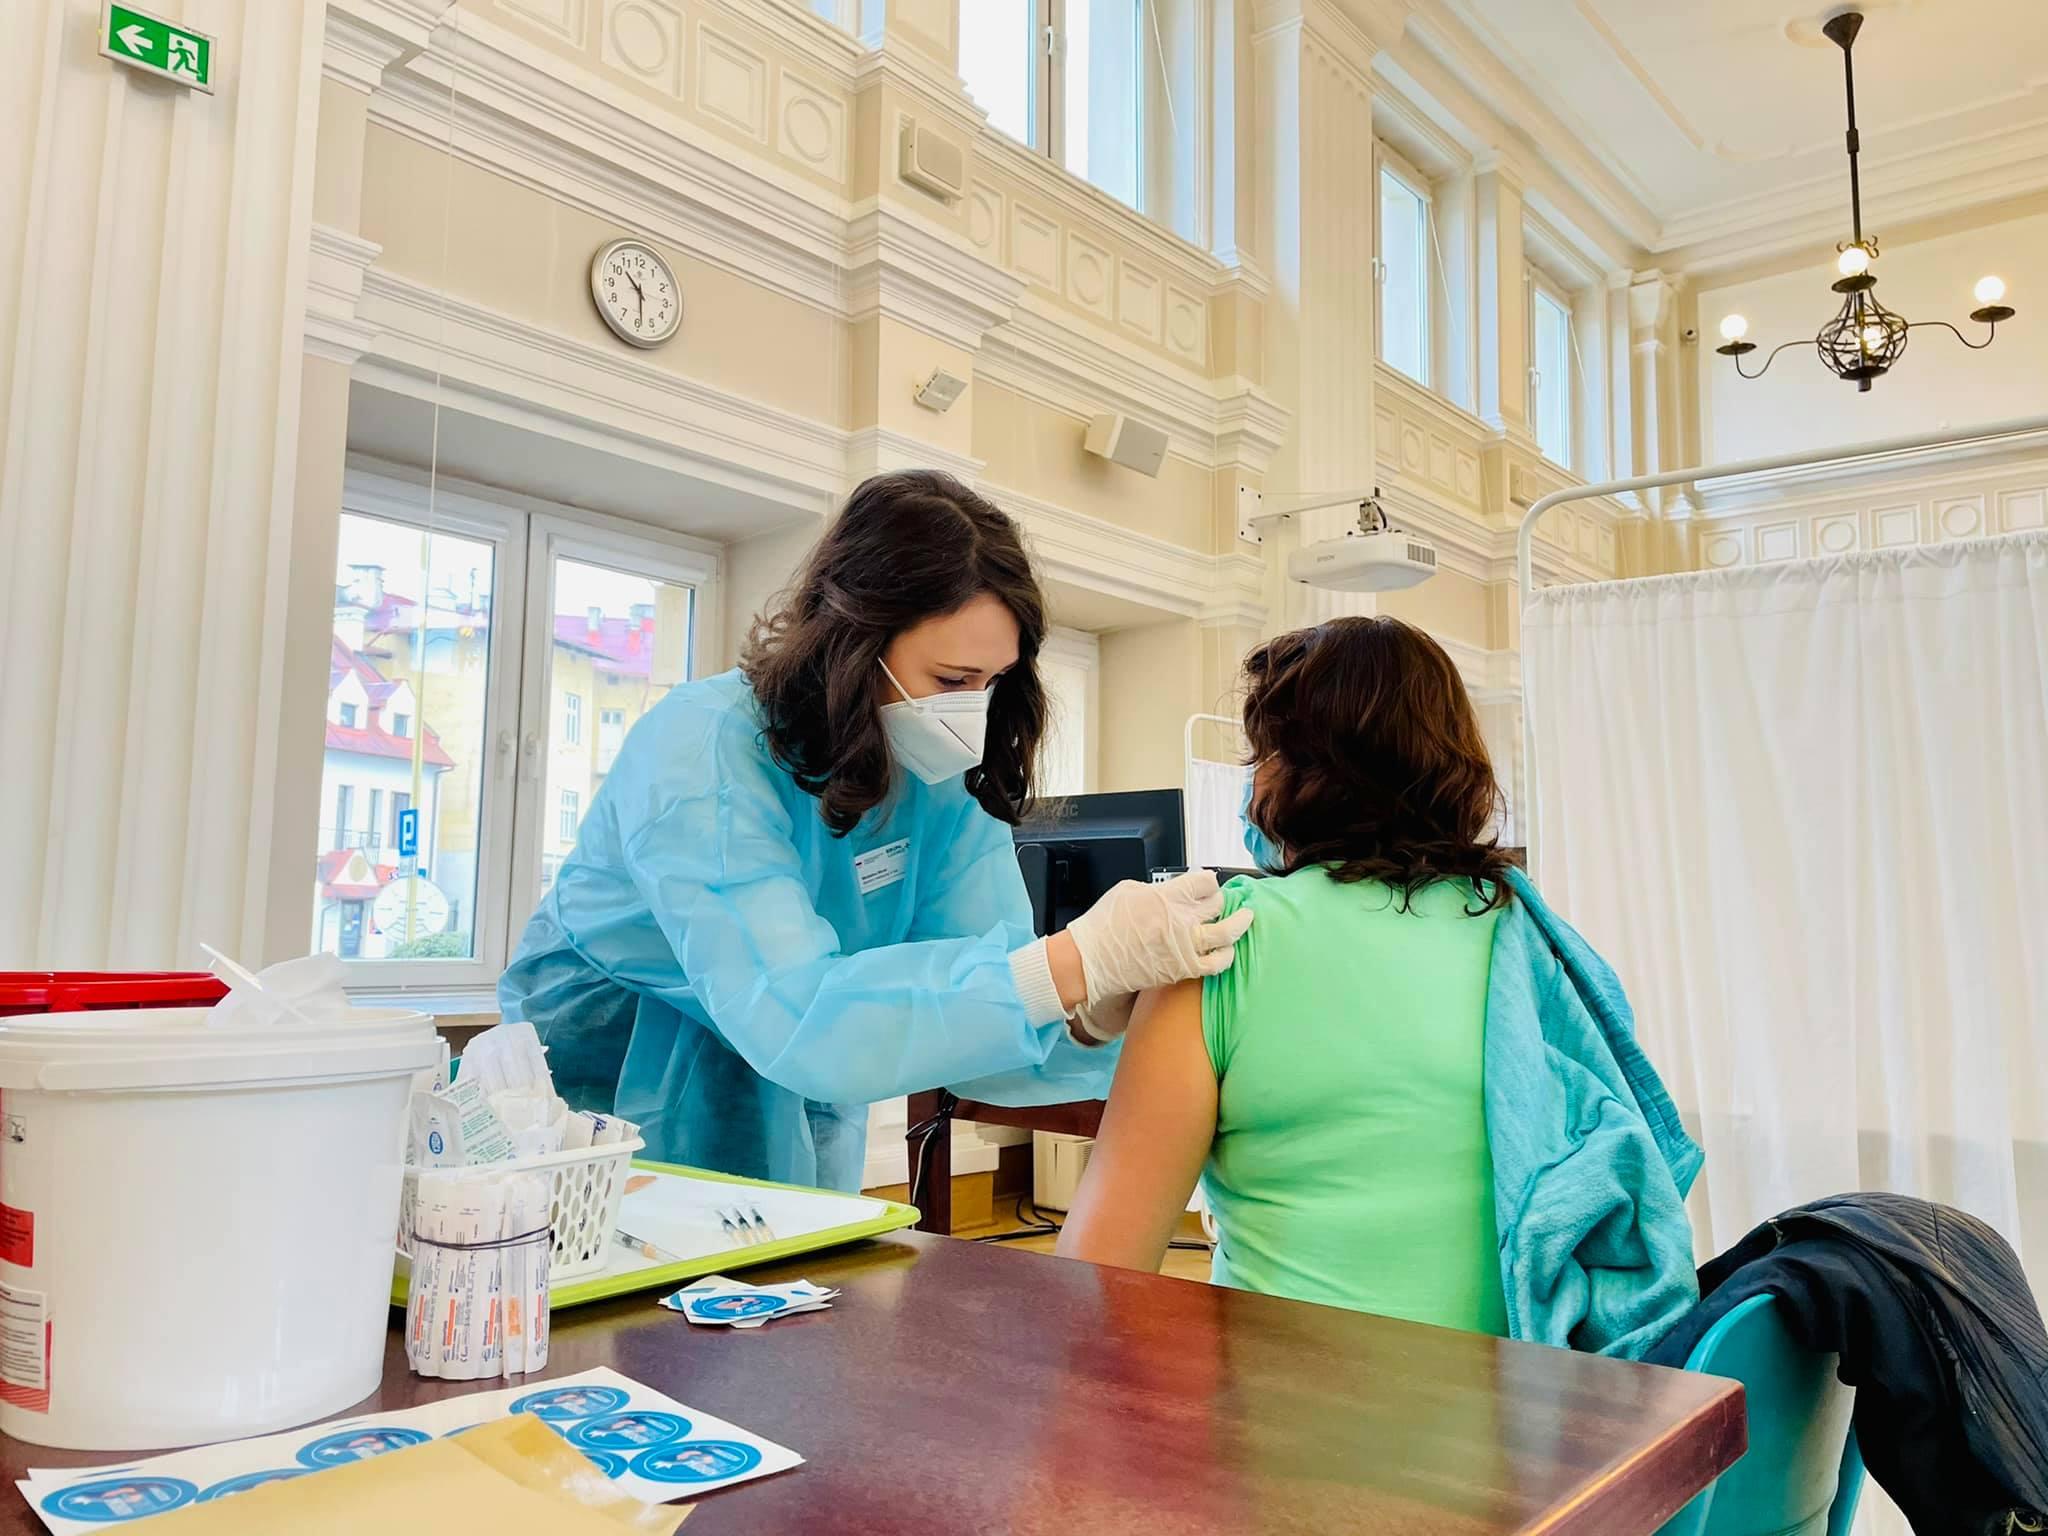 W regionie można zorganizować szczepienie w domu - Zdjęcie główne